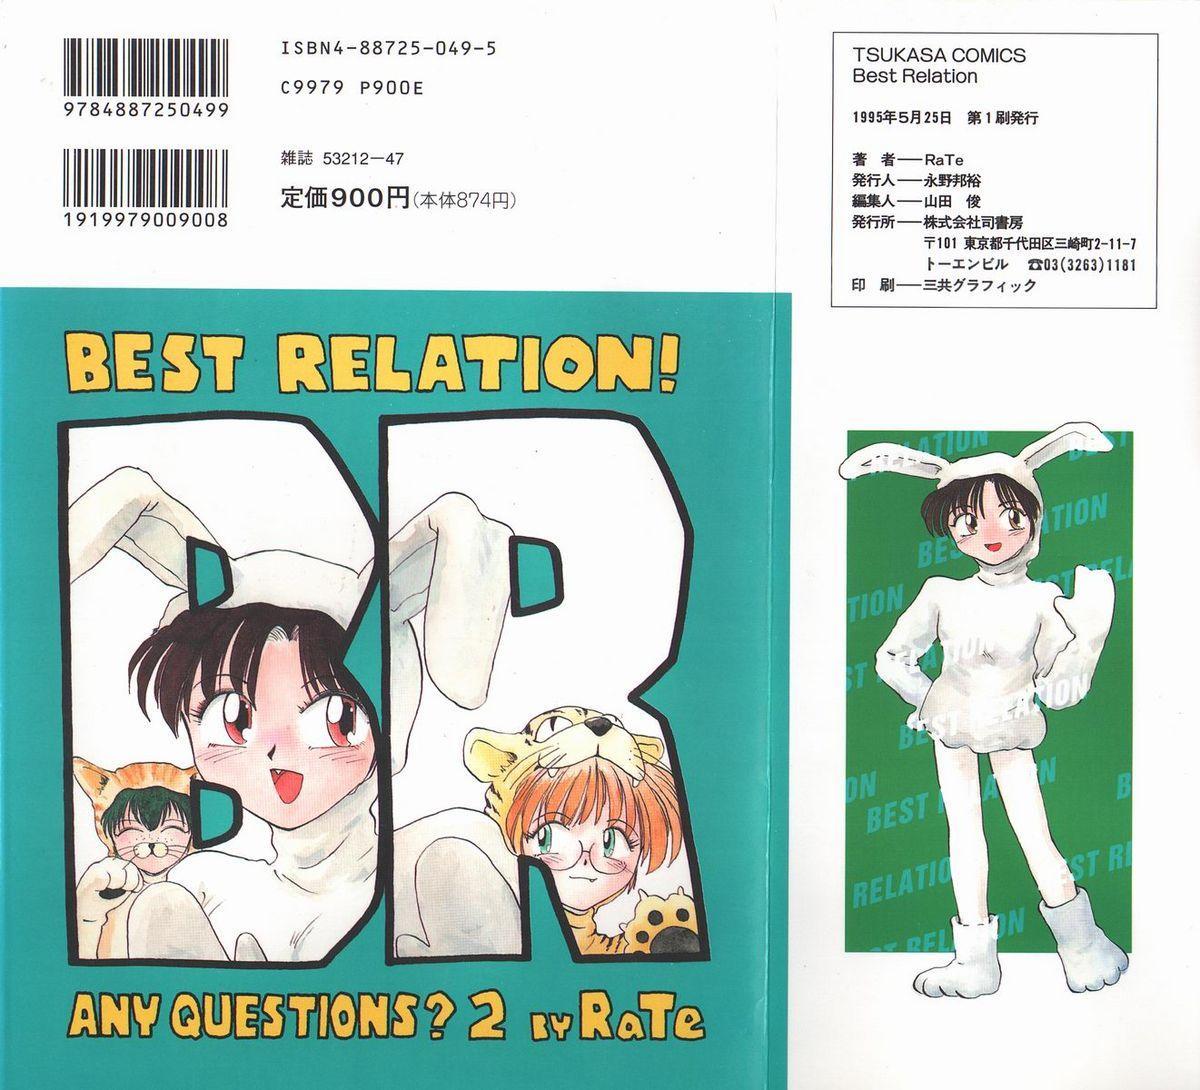 Best Relation 176